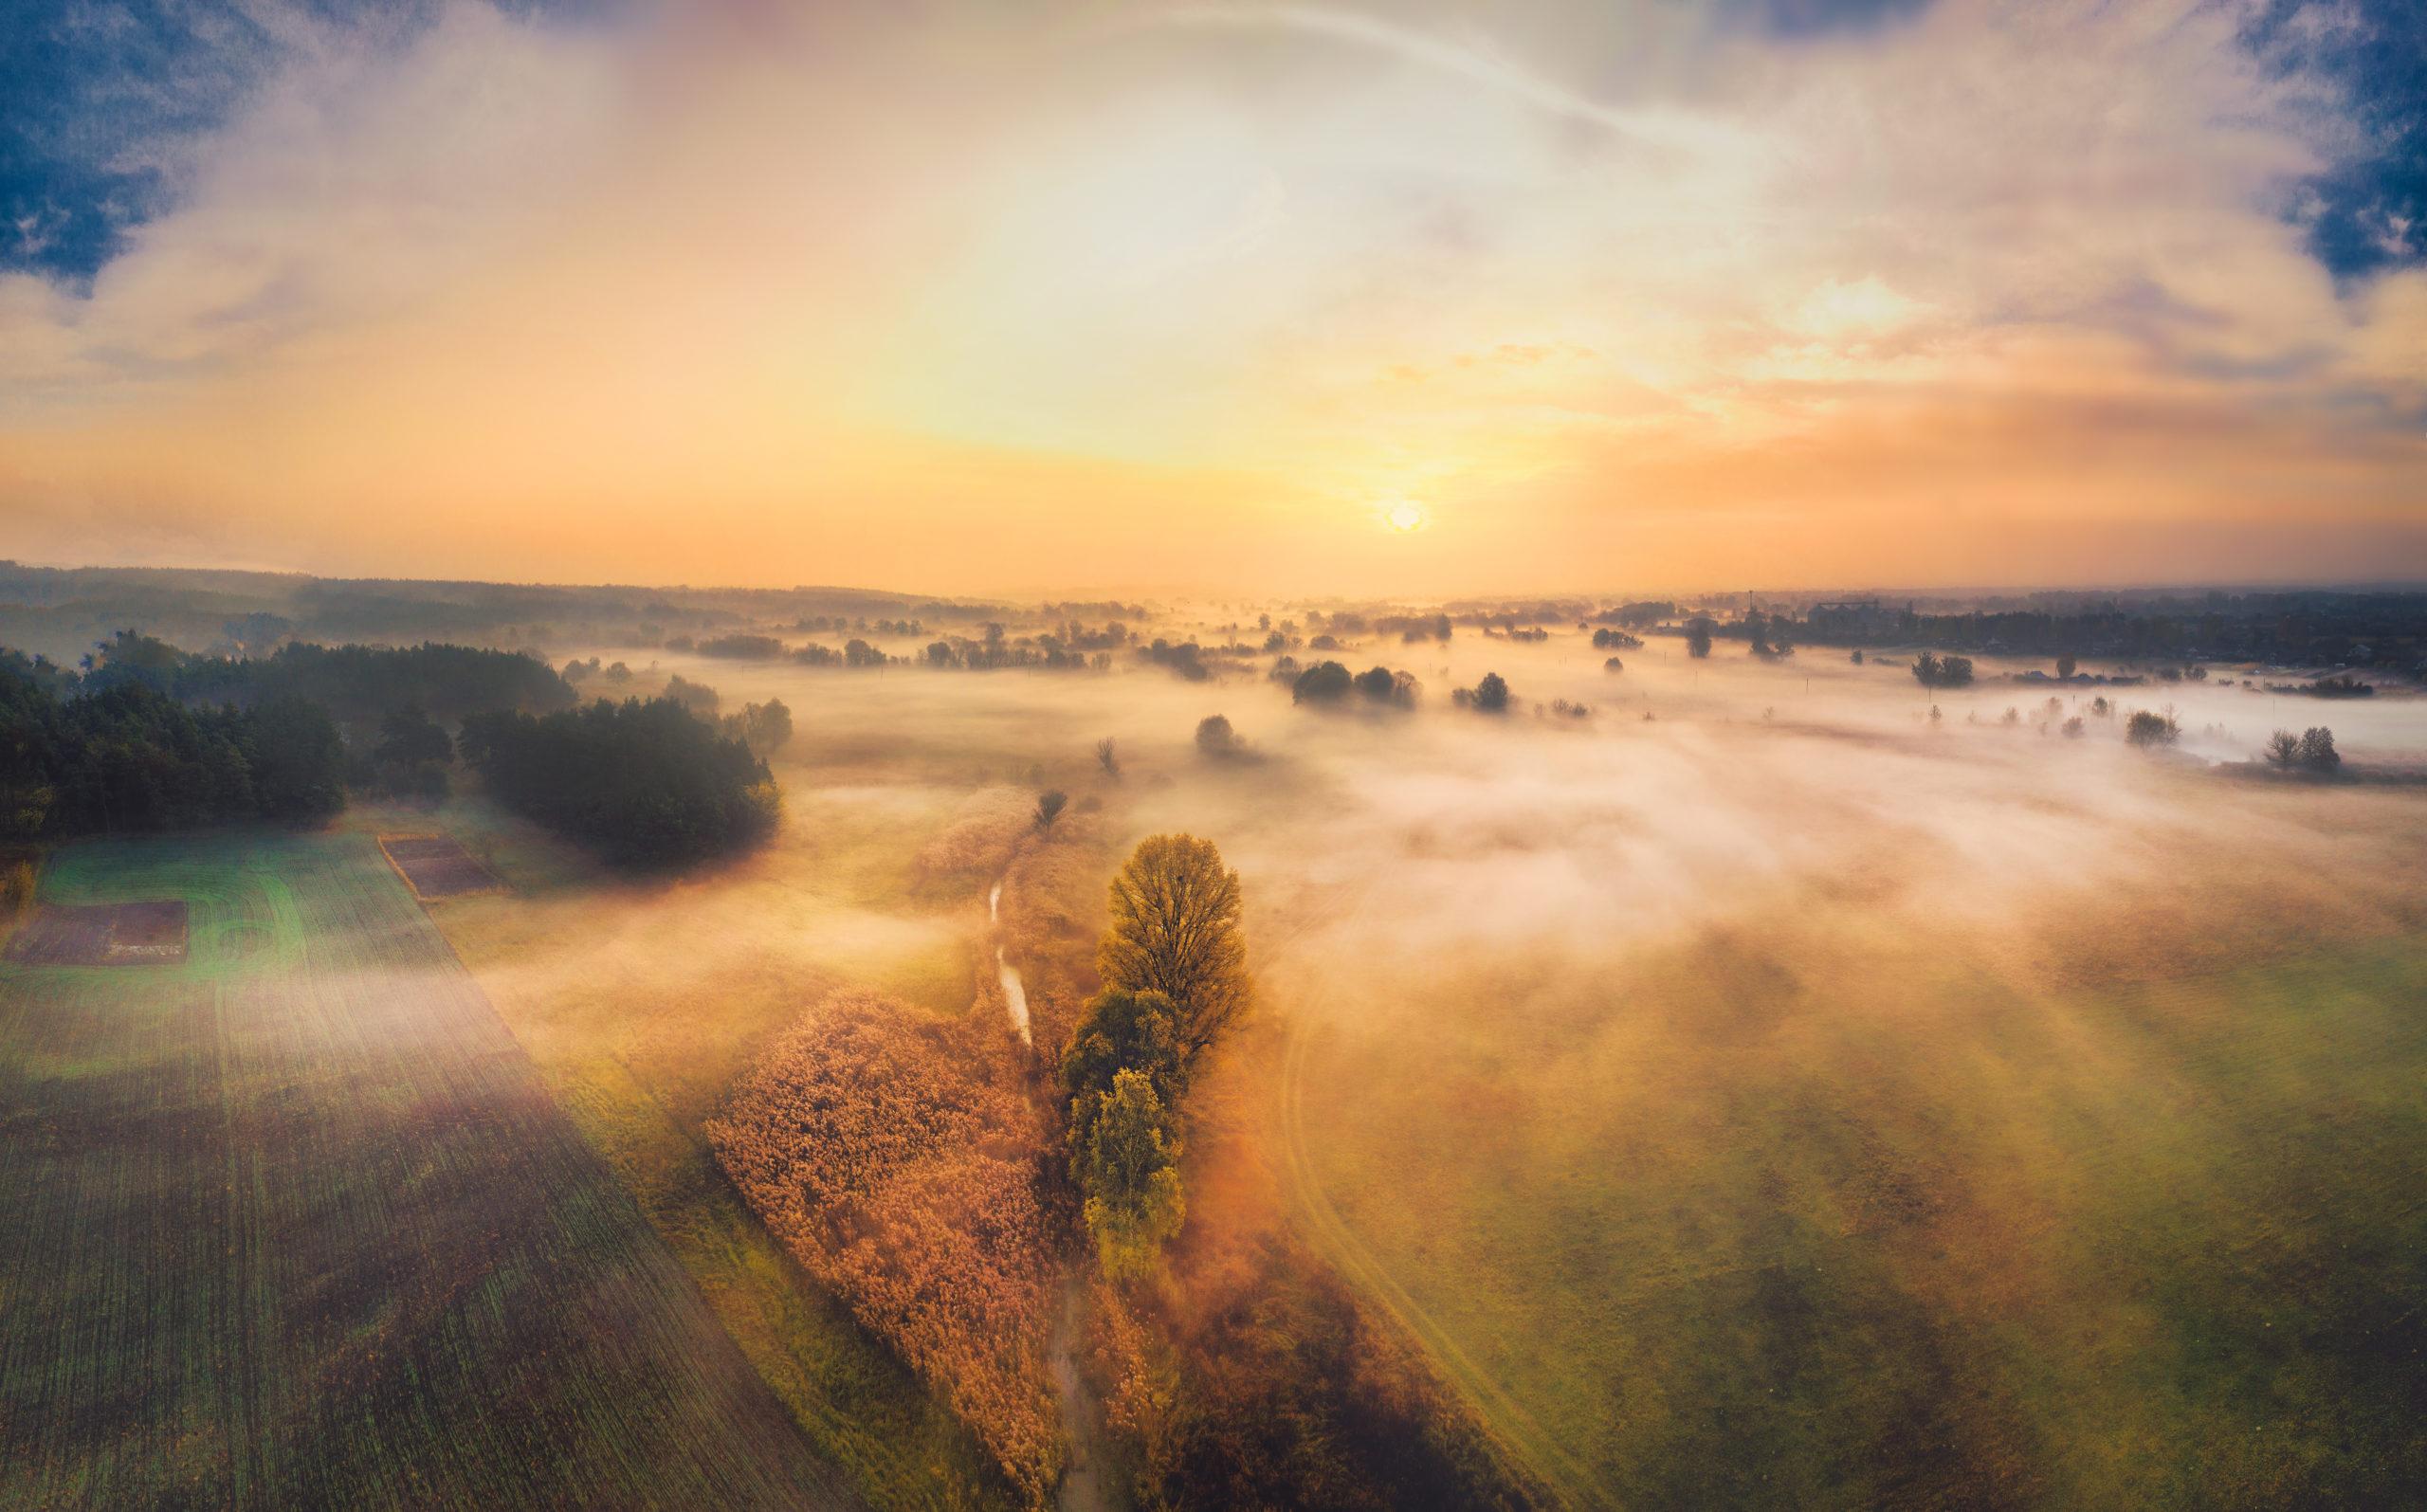 Vous devez devenir comme ce paysage, calme, serein et optimiste!